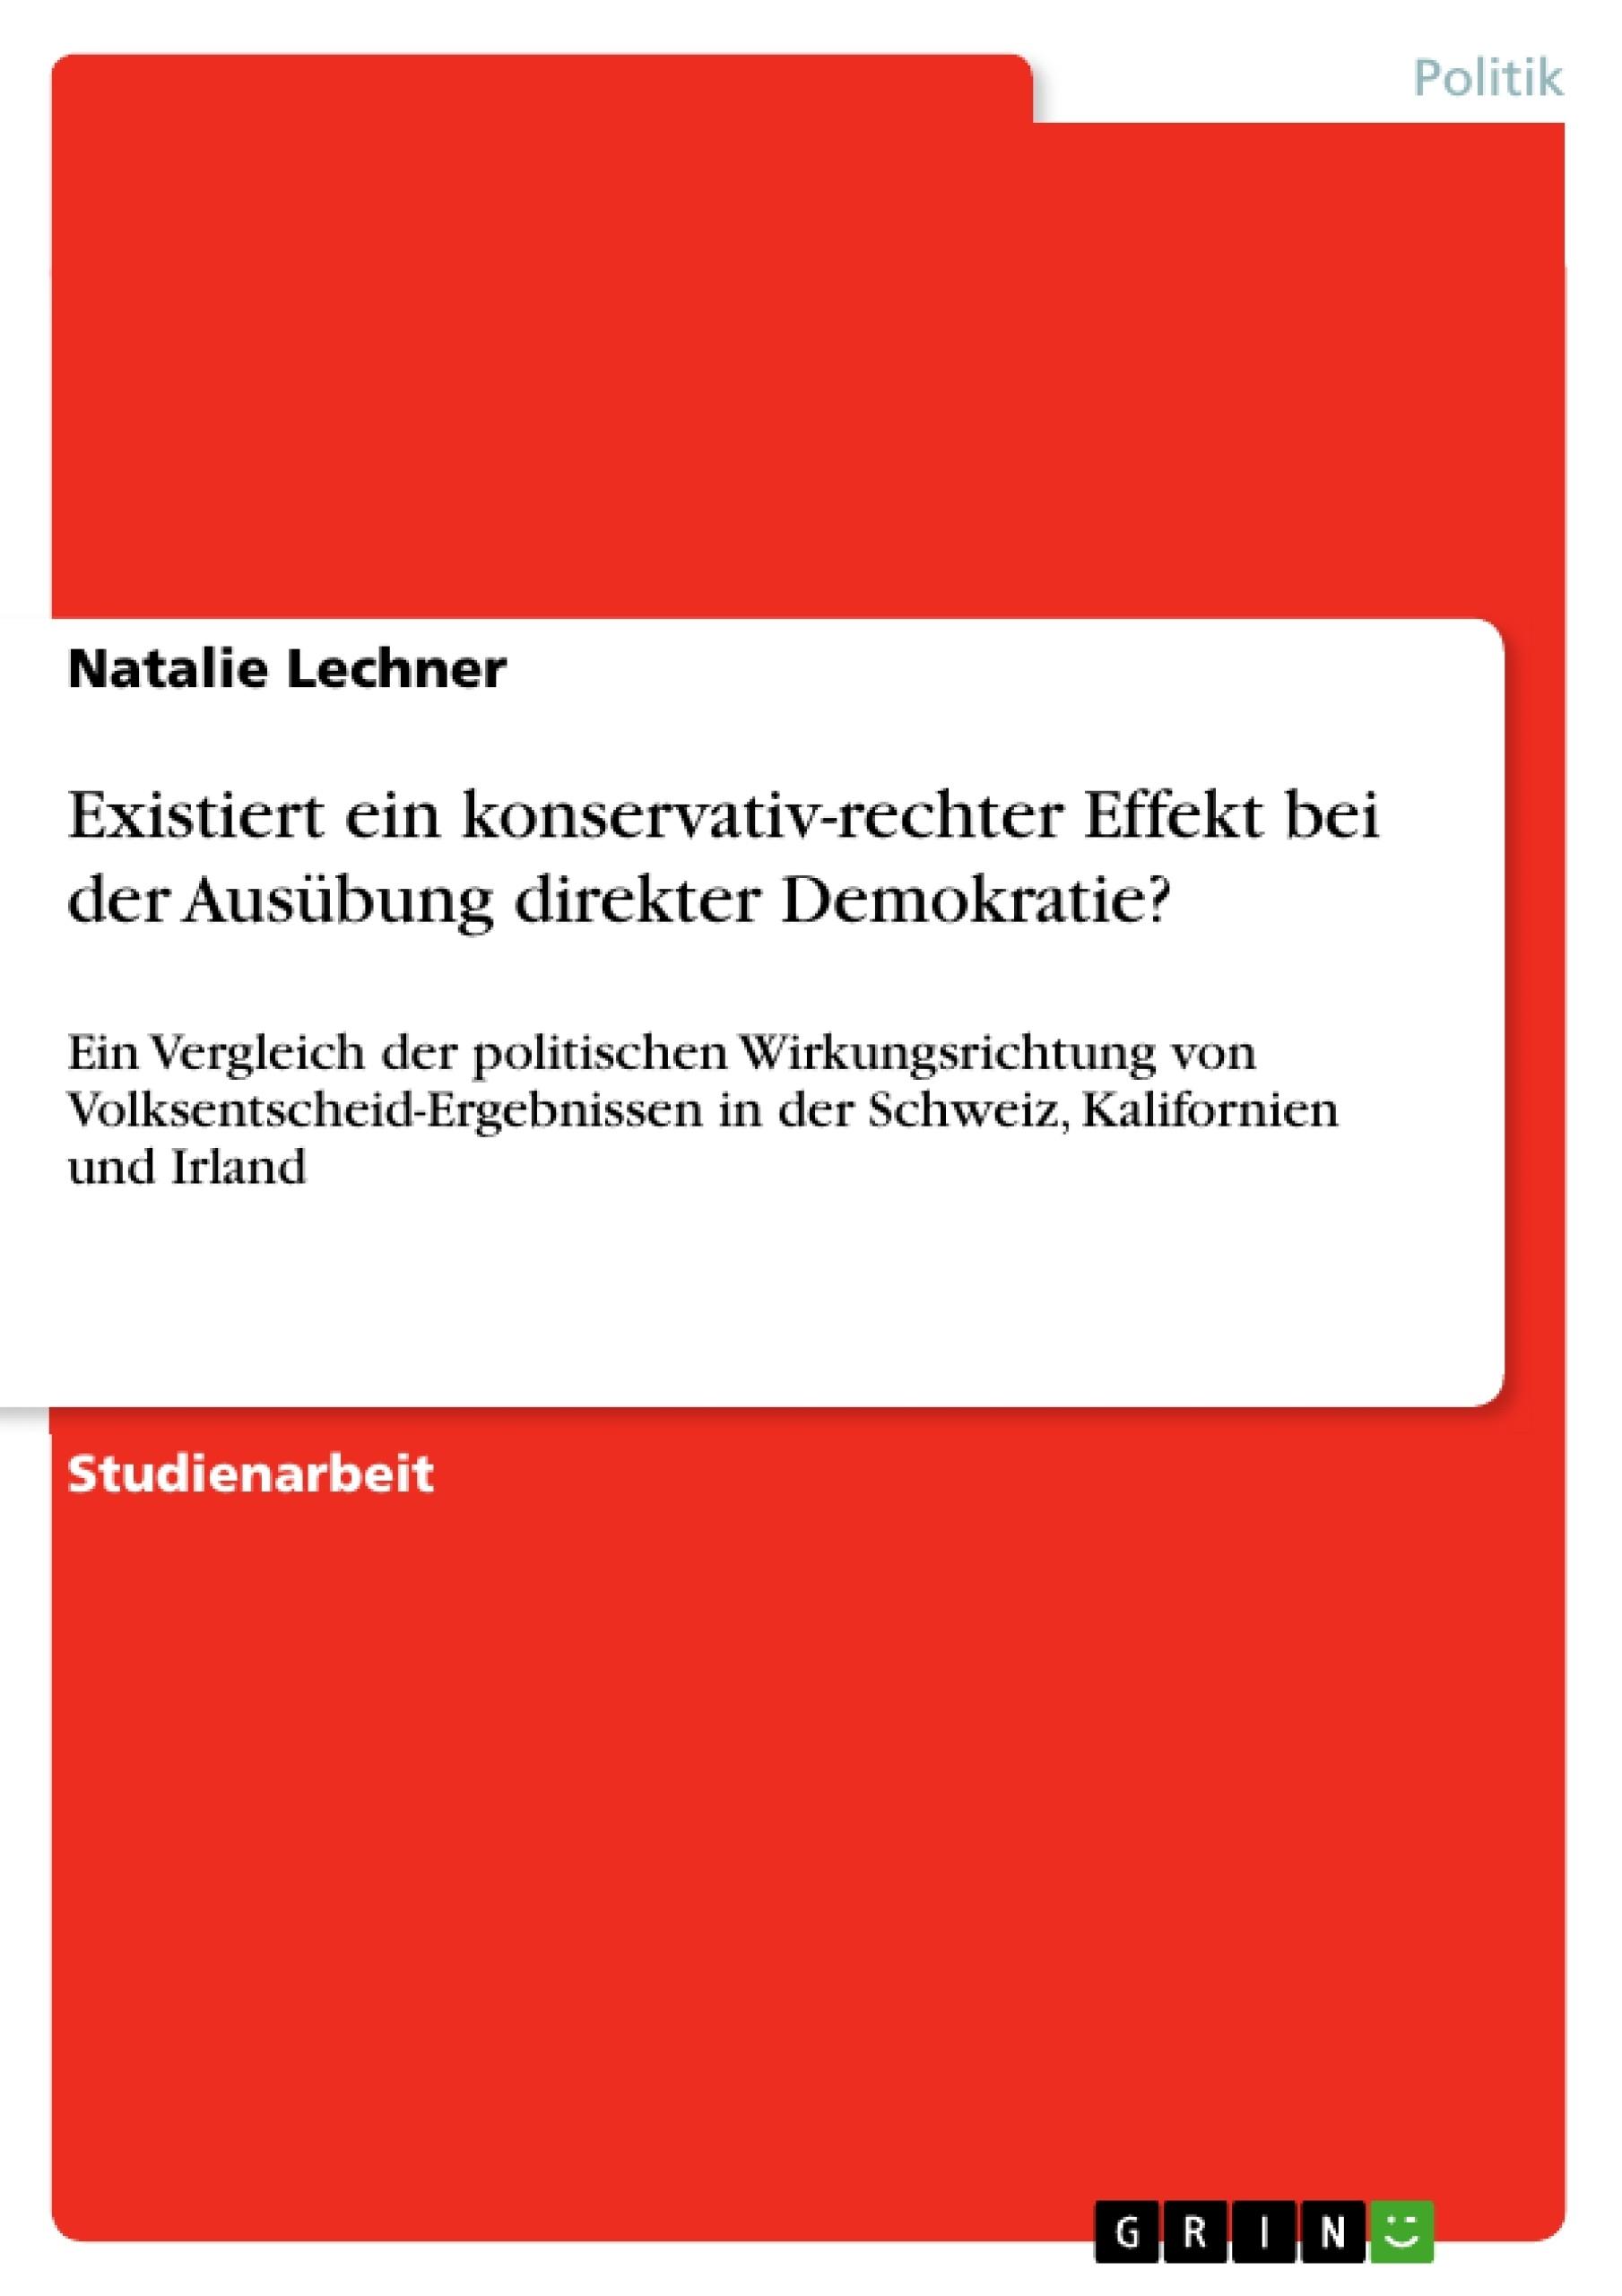 Titel: Existiert ein konservativ-rechter Effekt bei der Ausübung direkter Demokratie?